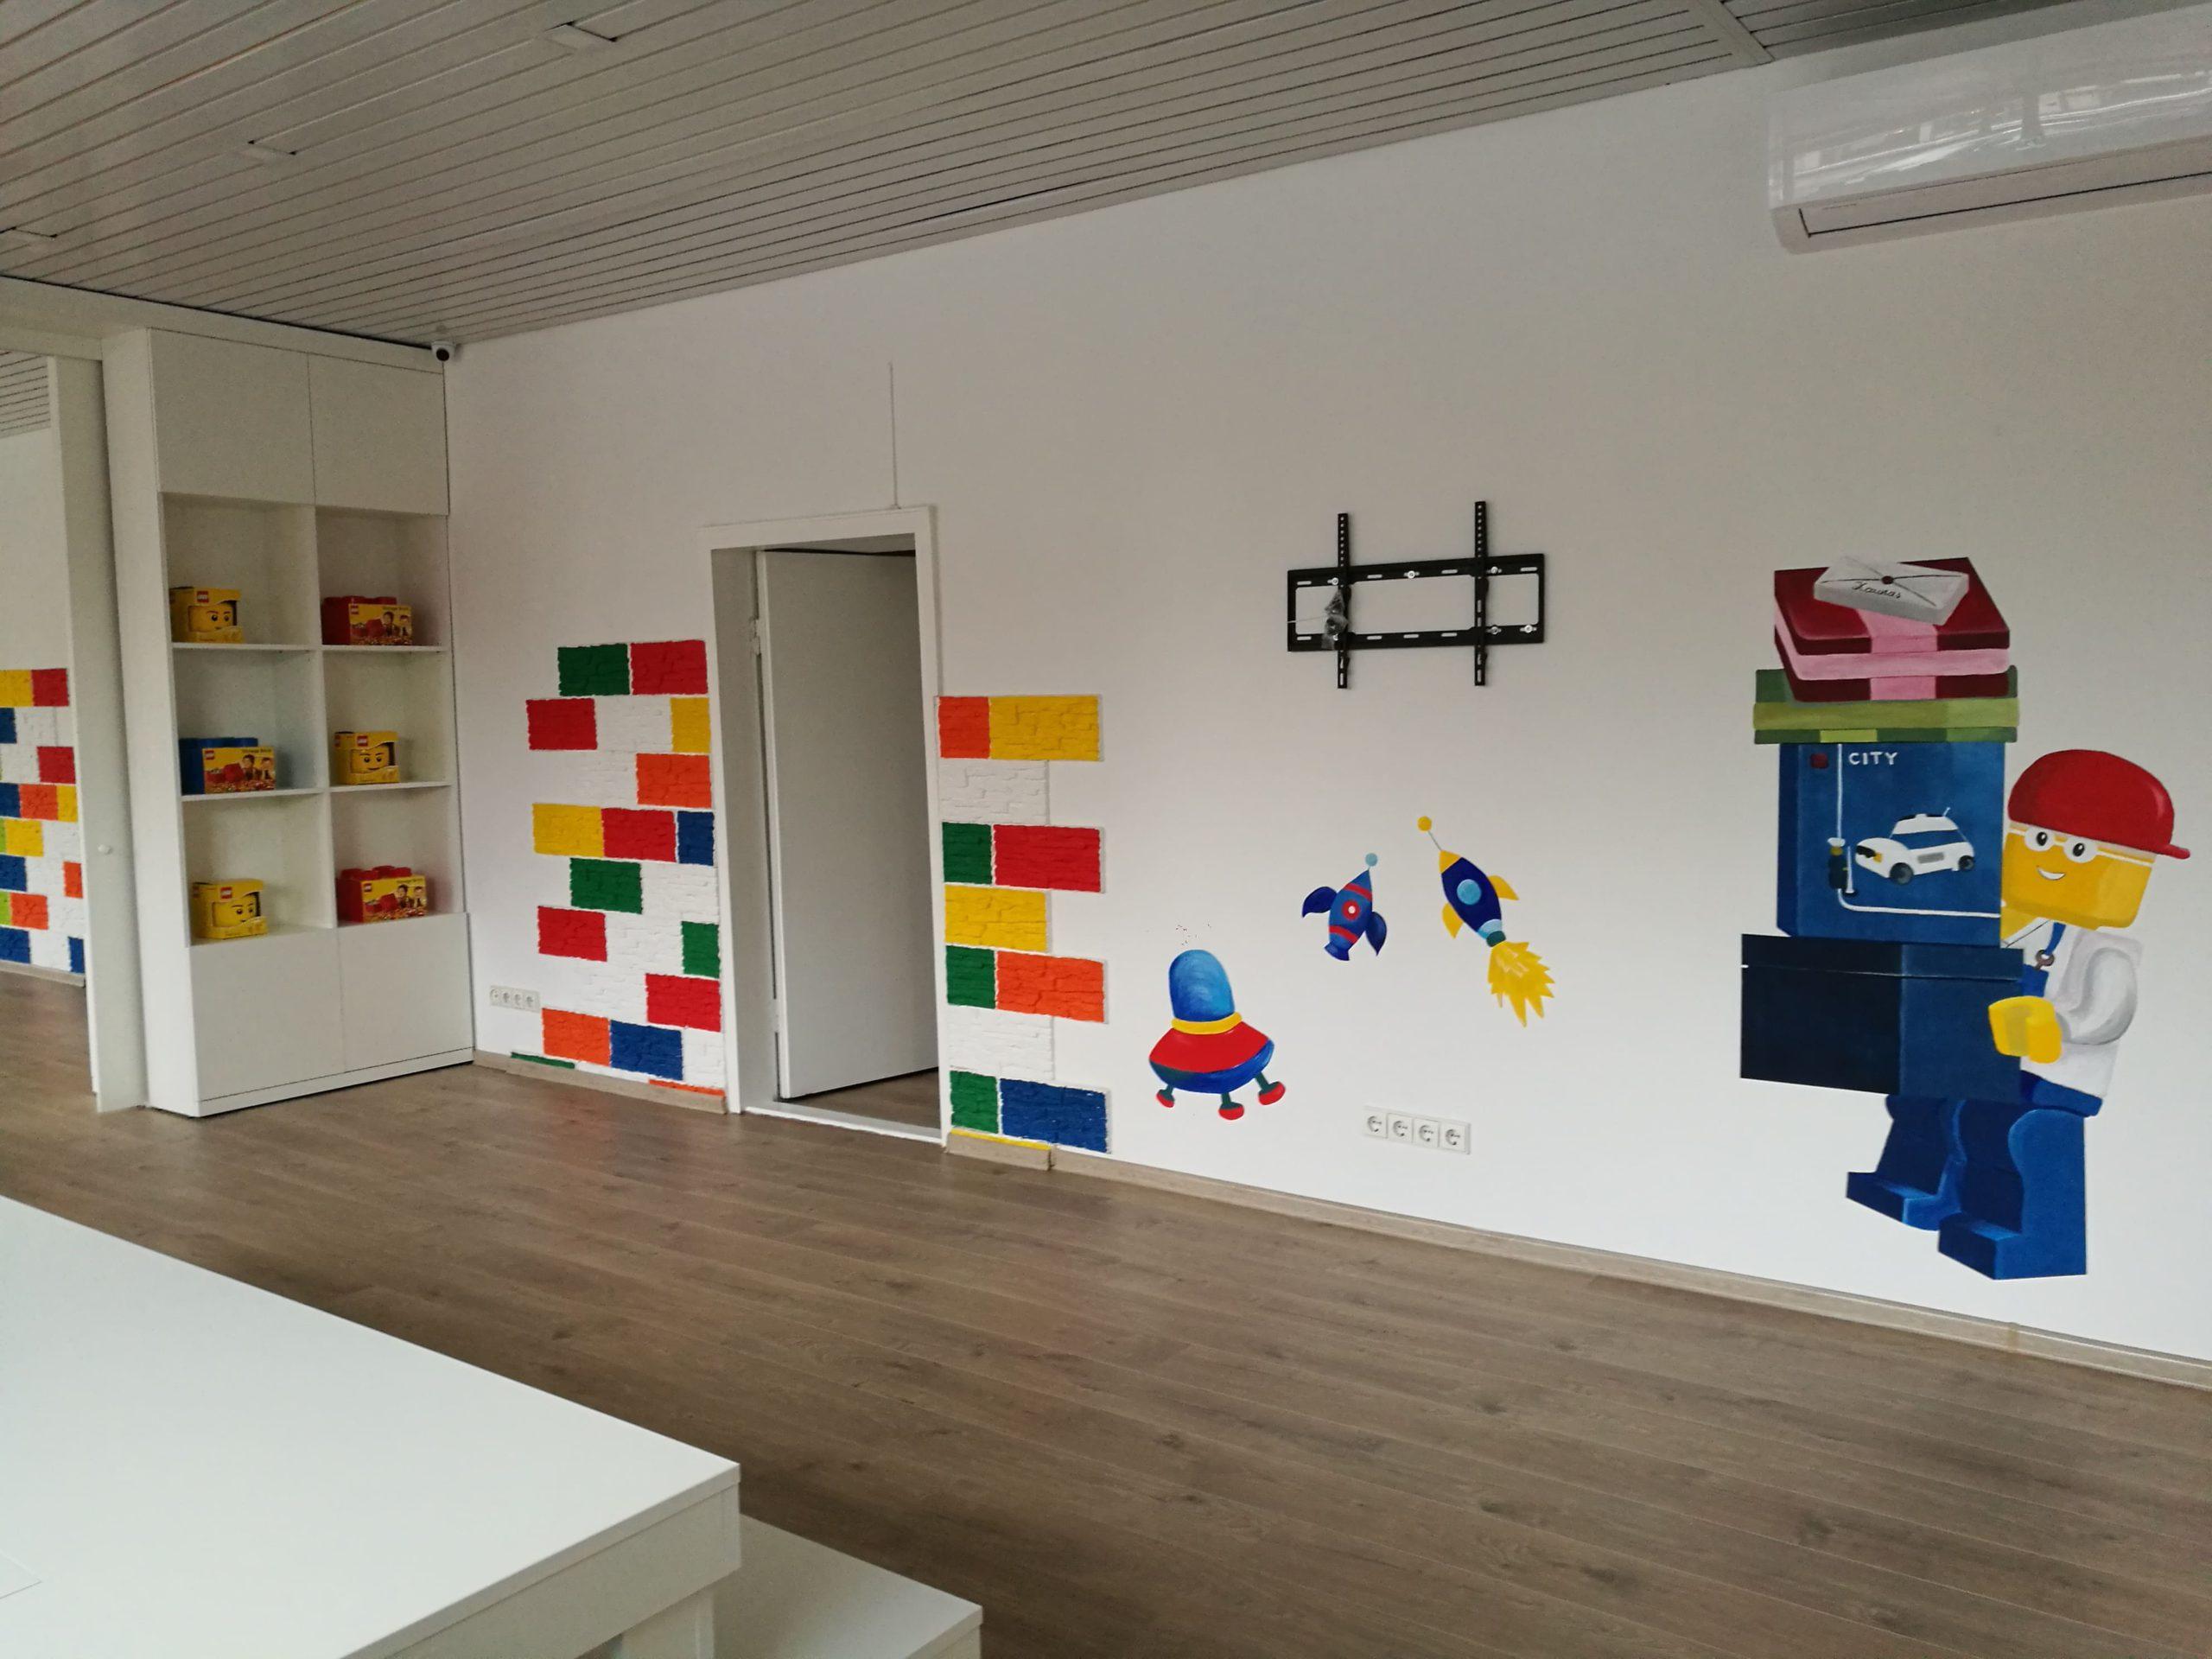 menine-kuryba-sienu-dekoravimas-ugdymo-istaigos (2)